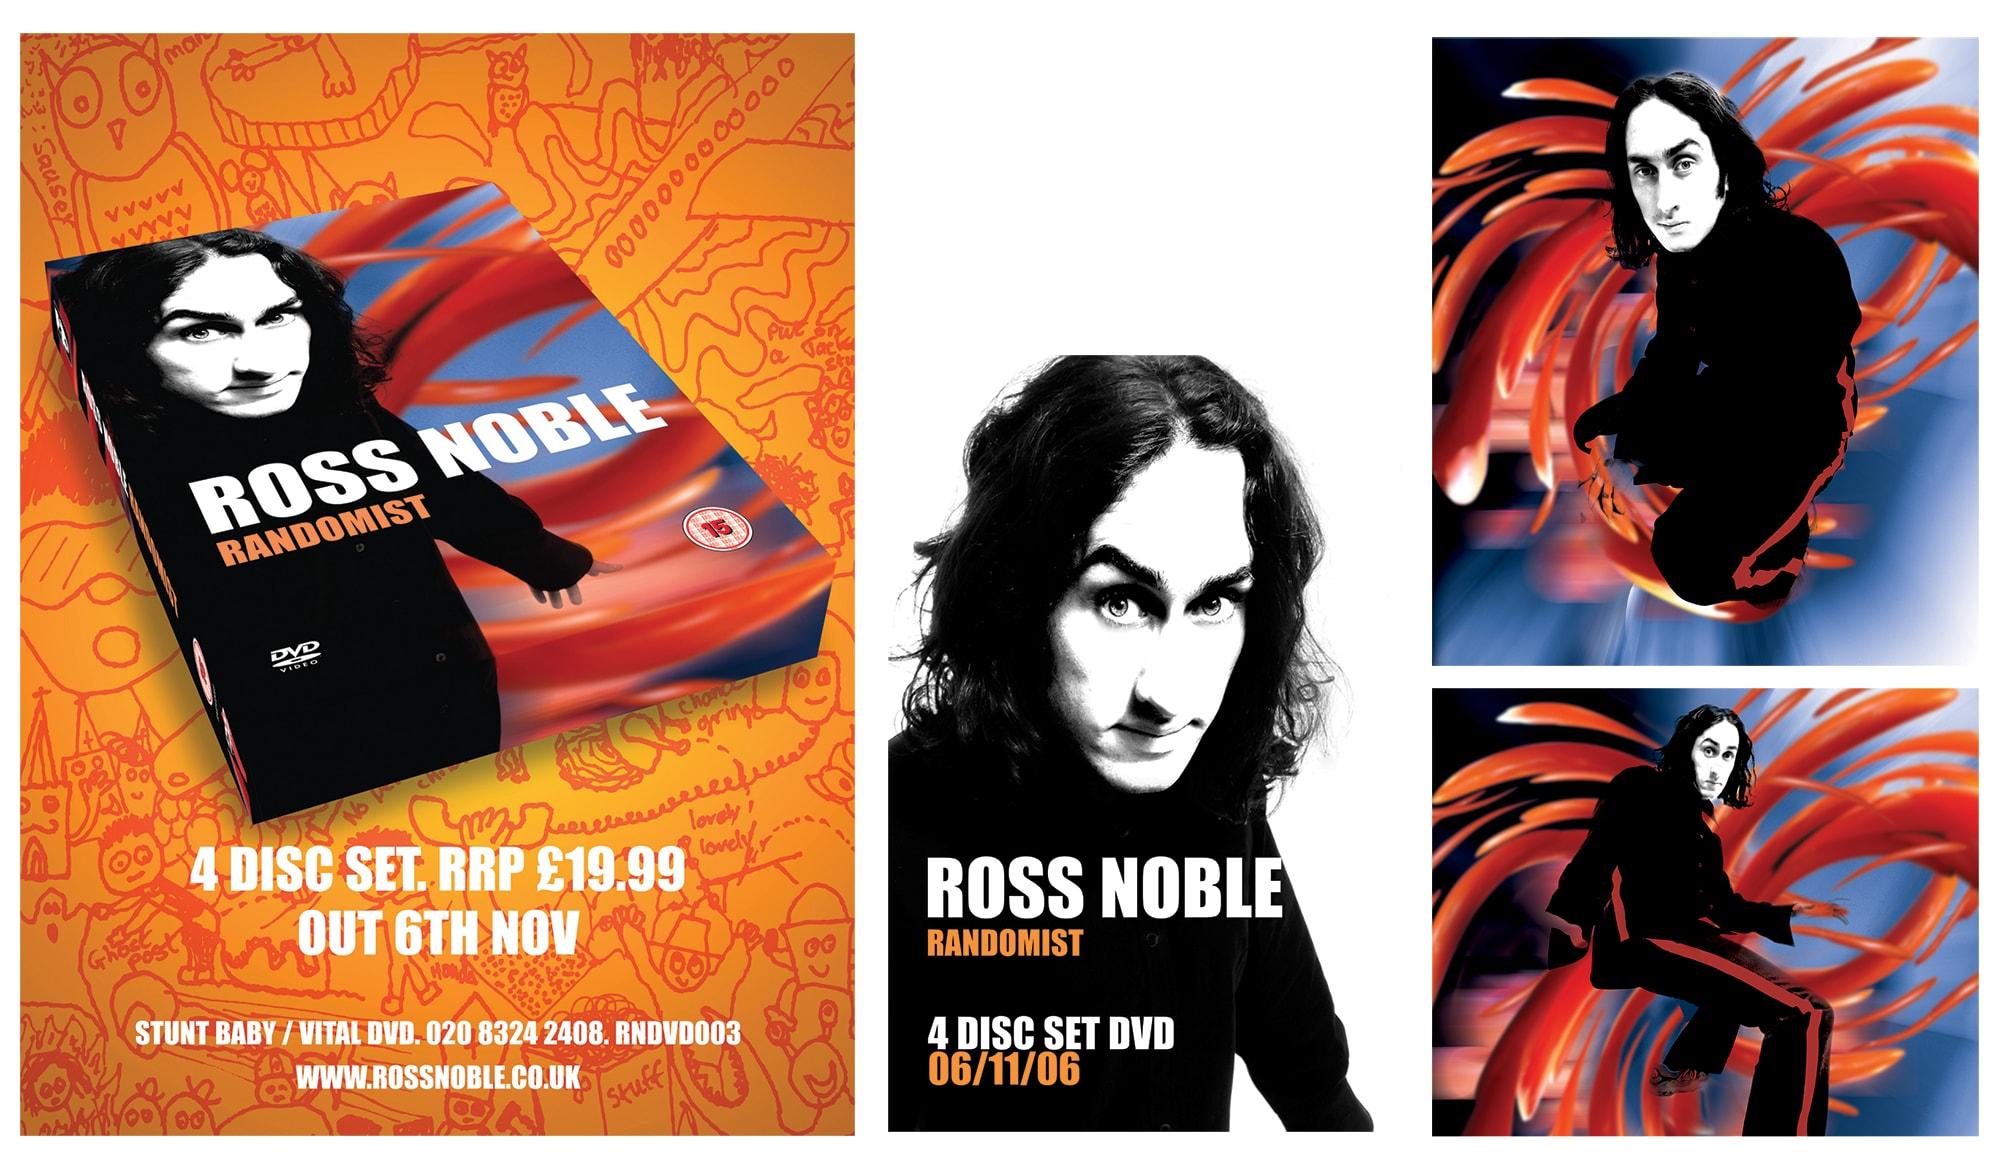 Ross Noble - Randomist - DVD advertising